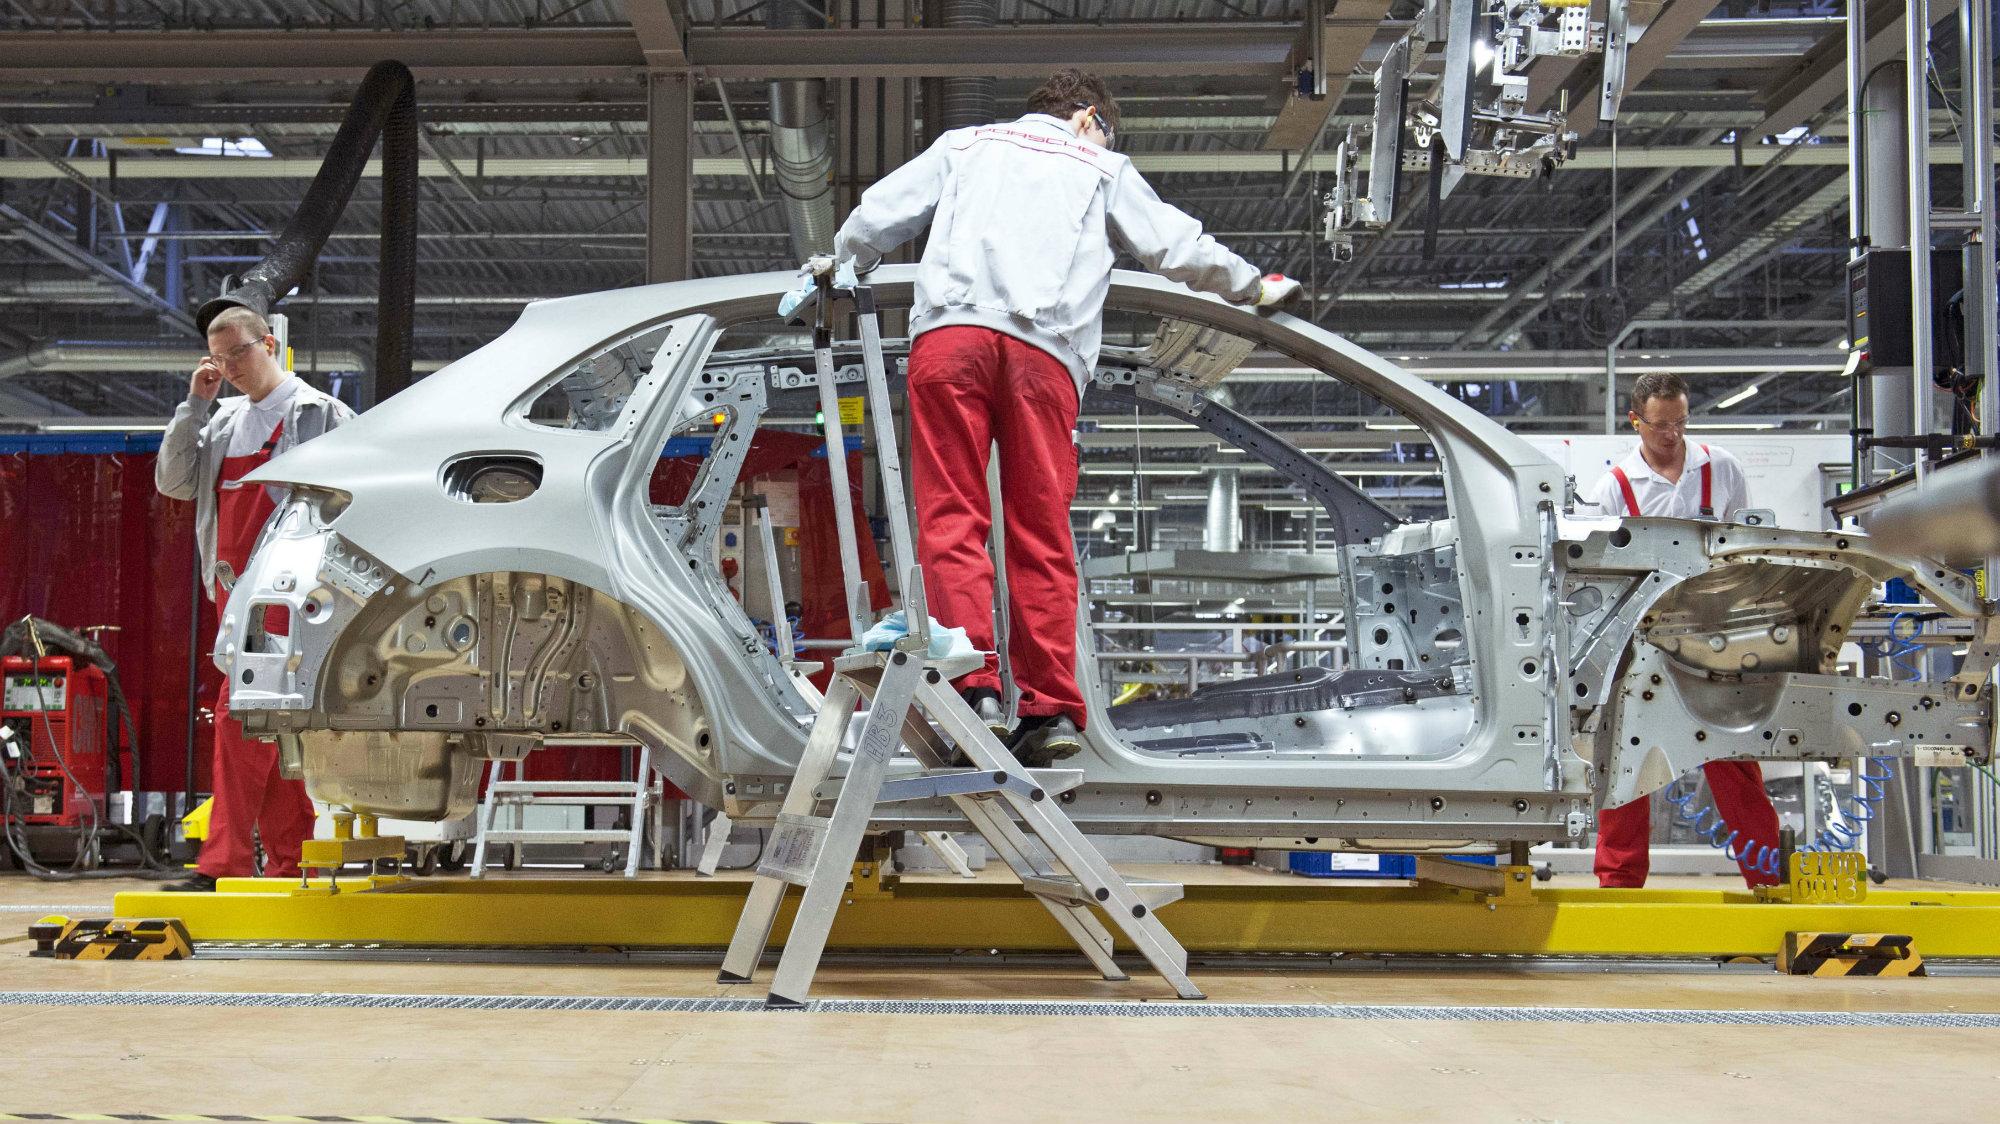 German car factory workers